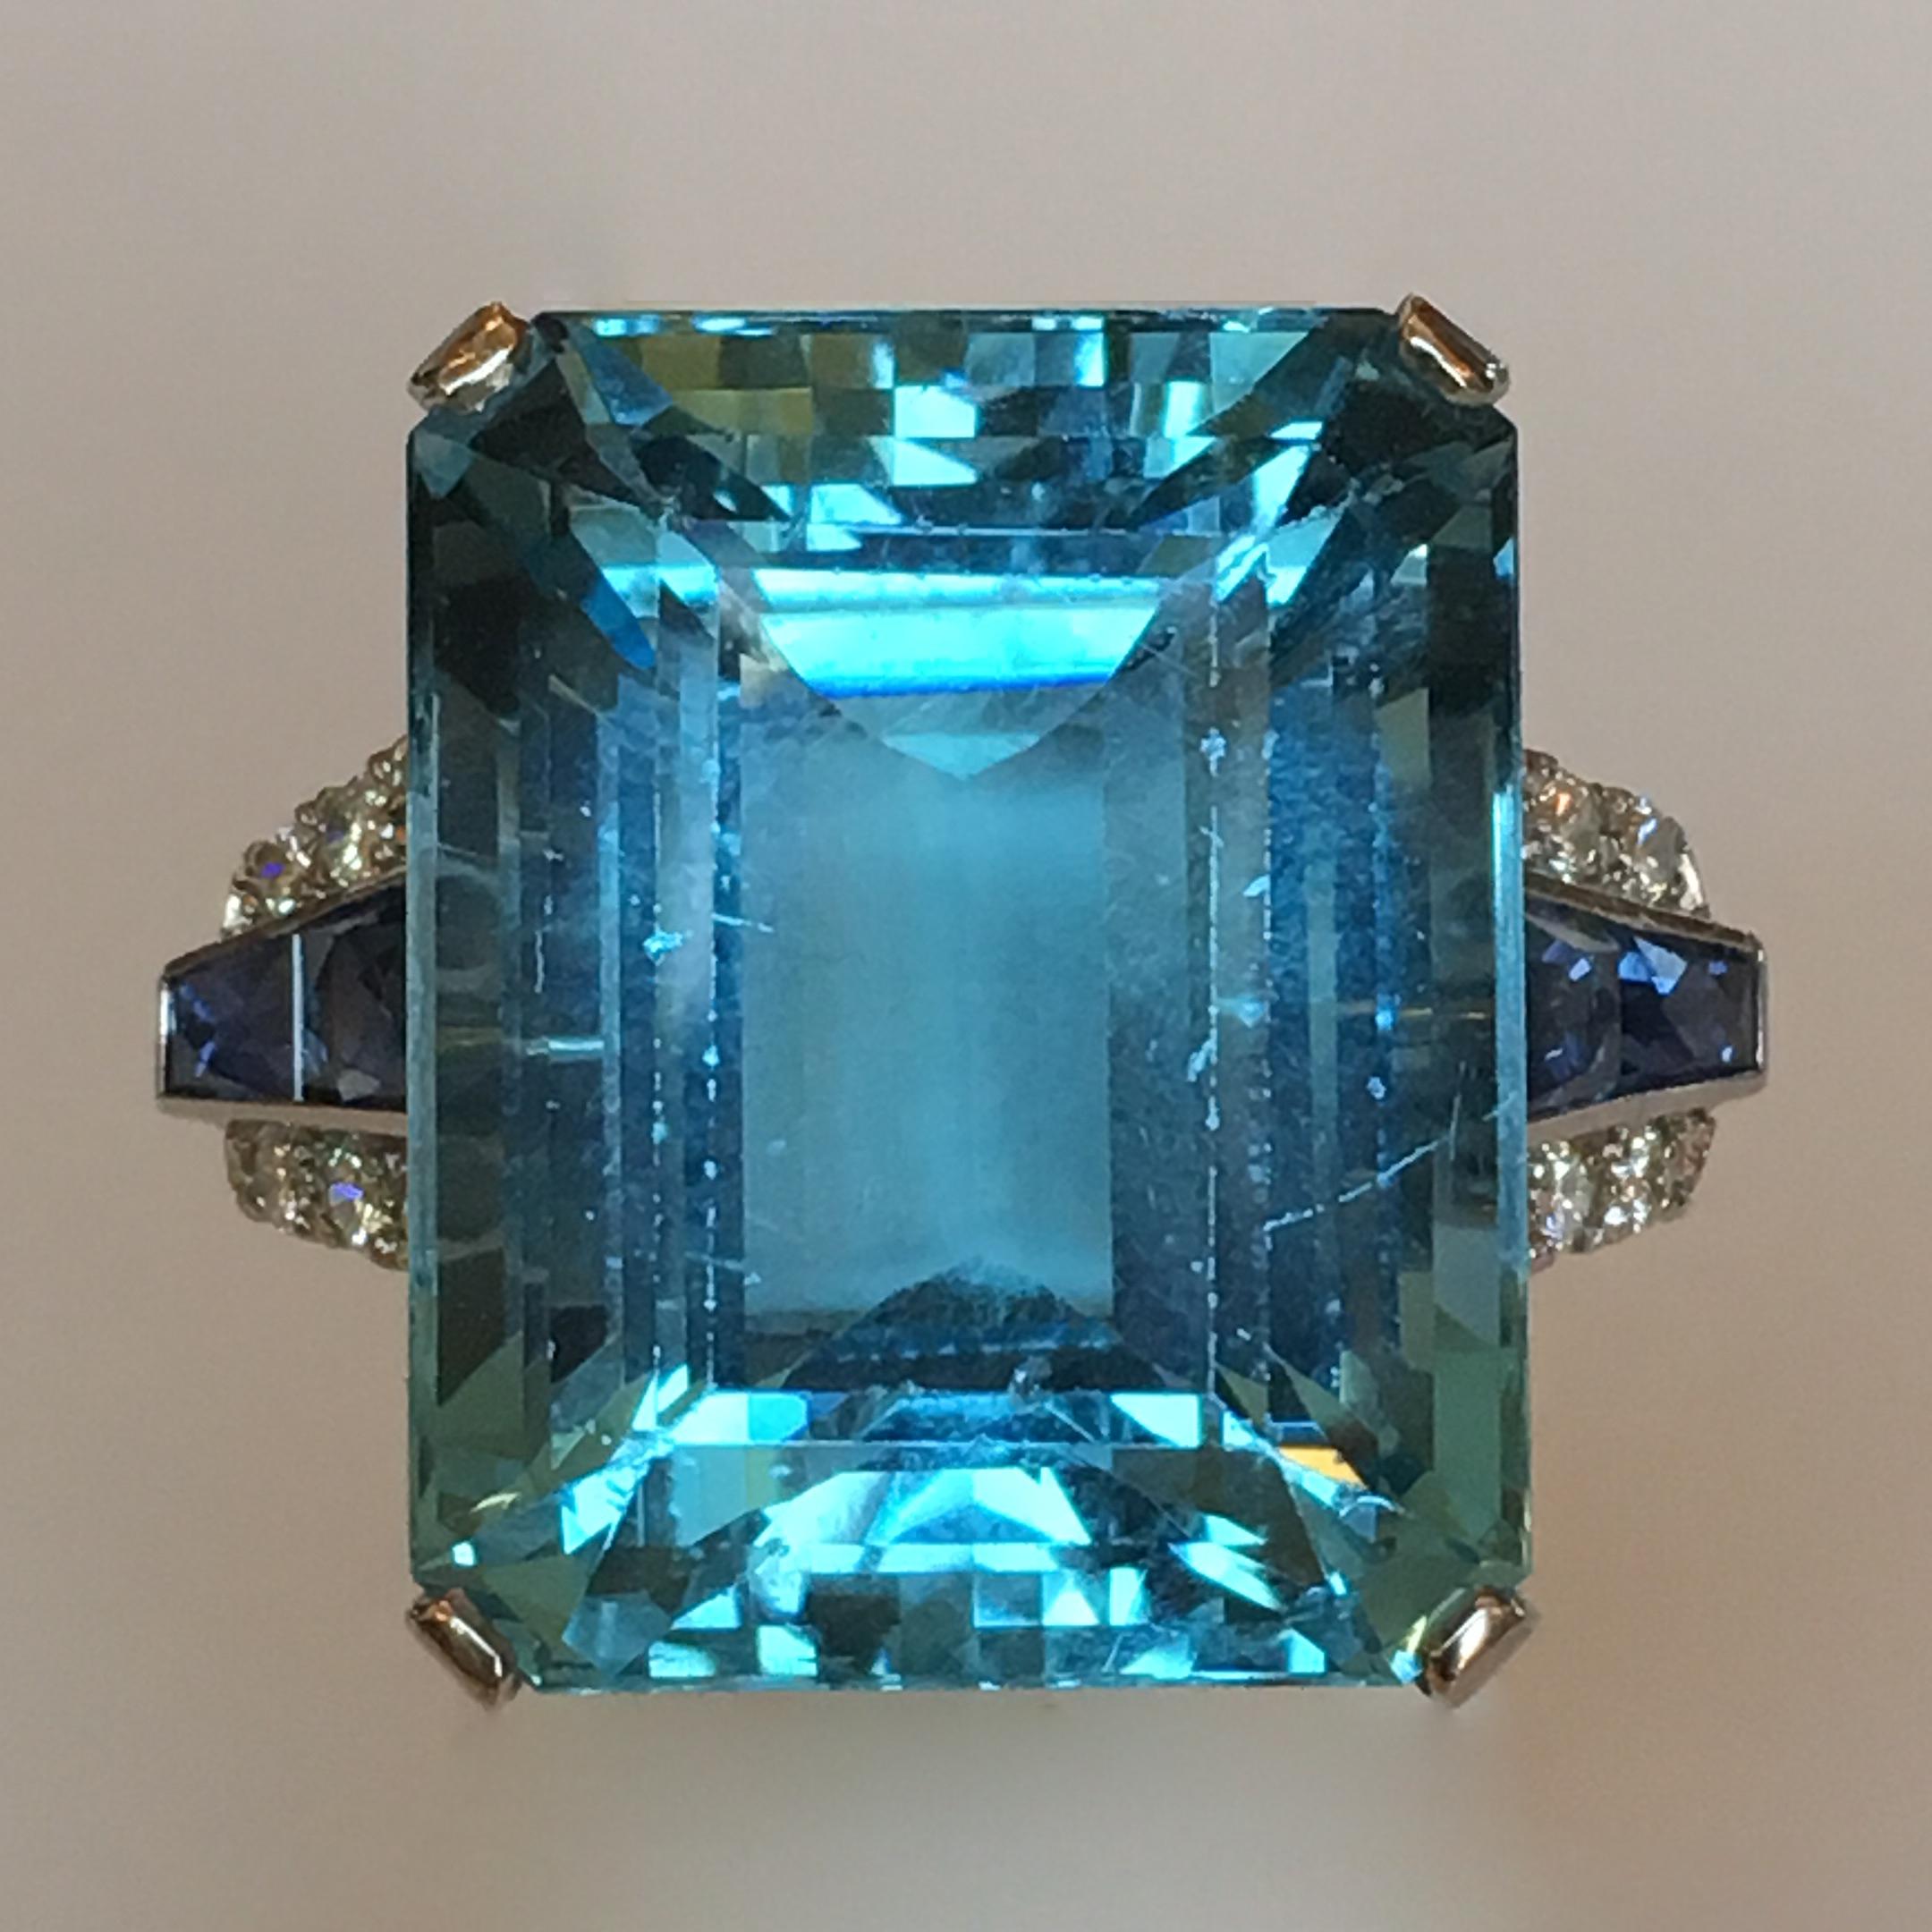 Original 33.90 carat Aquamarine